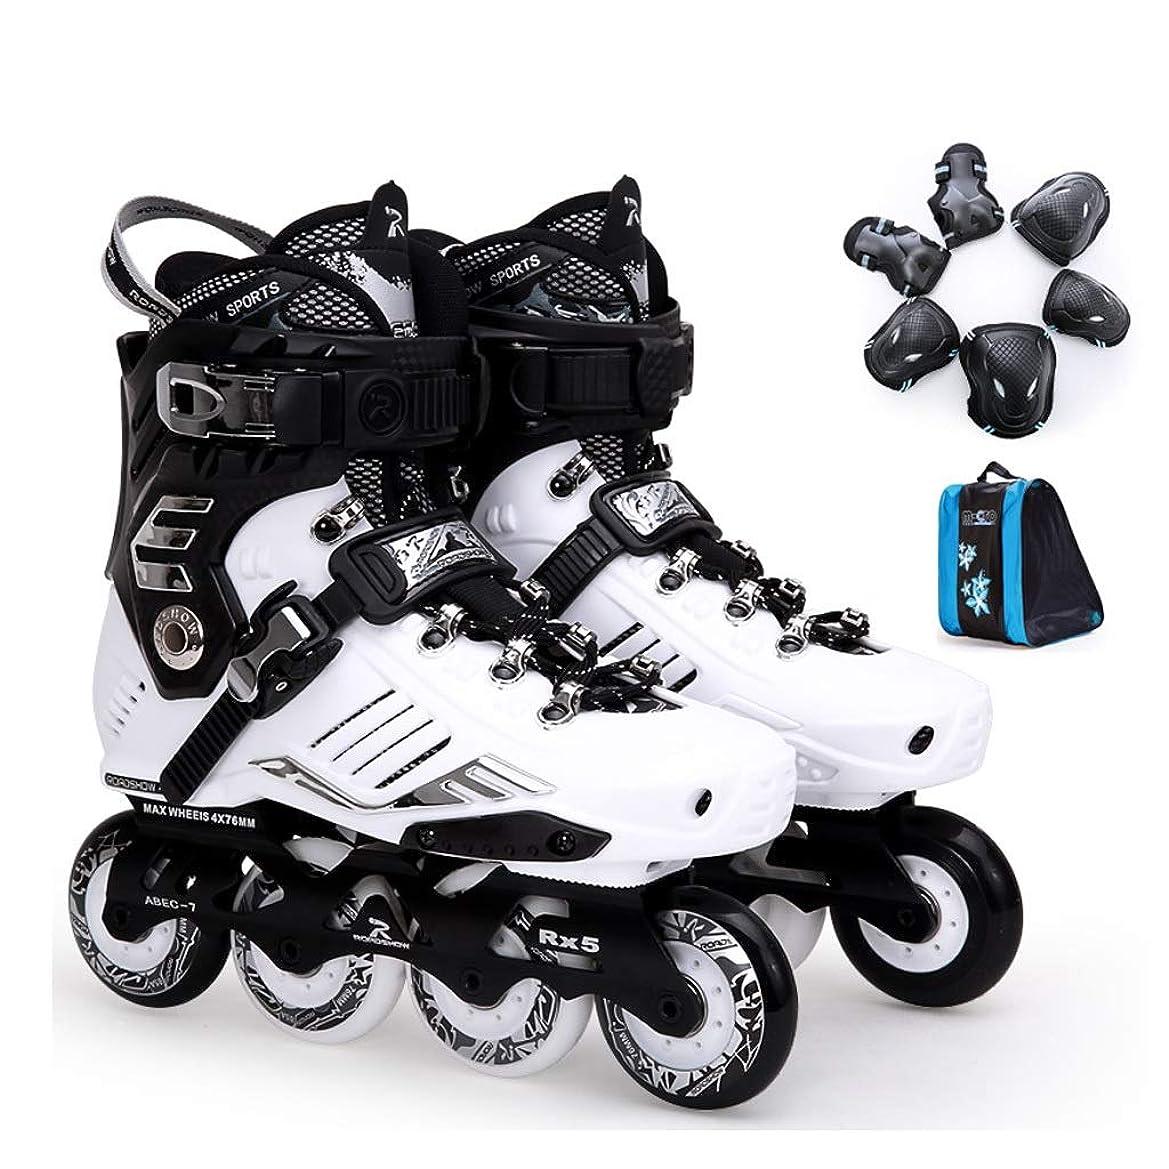 不毛足首満足させるZHANGHAIMING 男性と女性のためのインラインスケート、成人大学生初心者単列スケート、スポーツスピードスケート靴、2色 (Color : White, Size : EU 42/US 9/UK 8/JP 26cm)